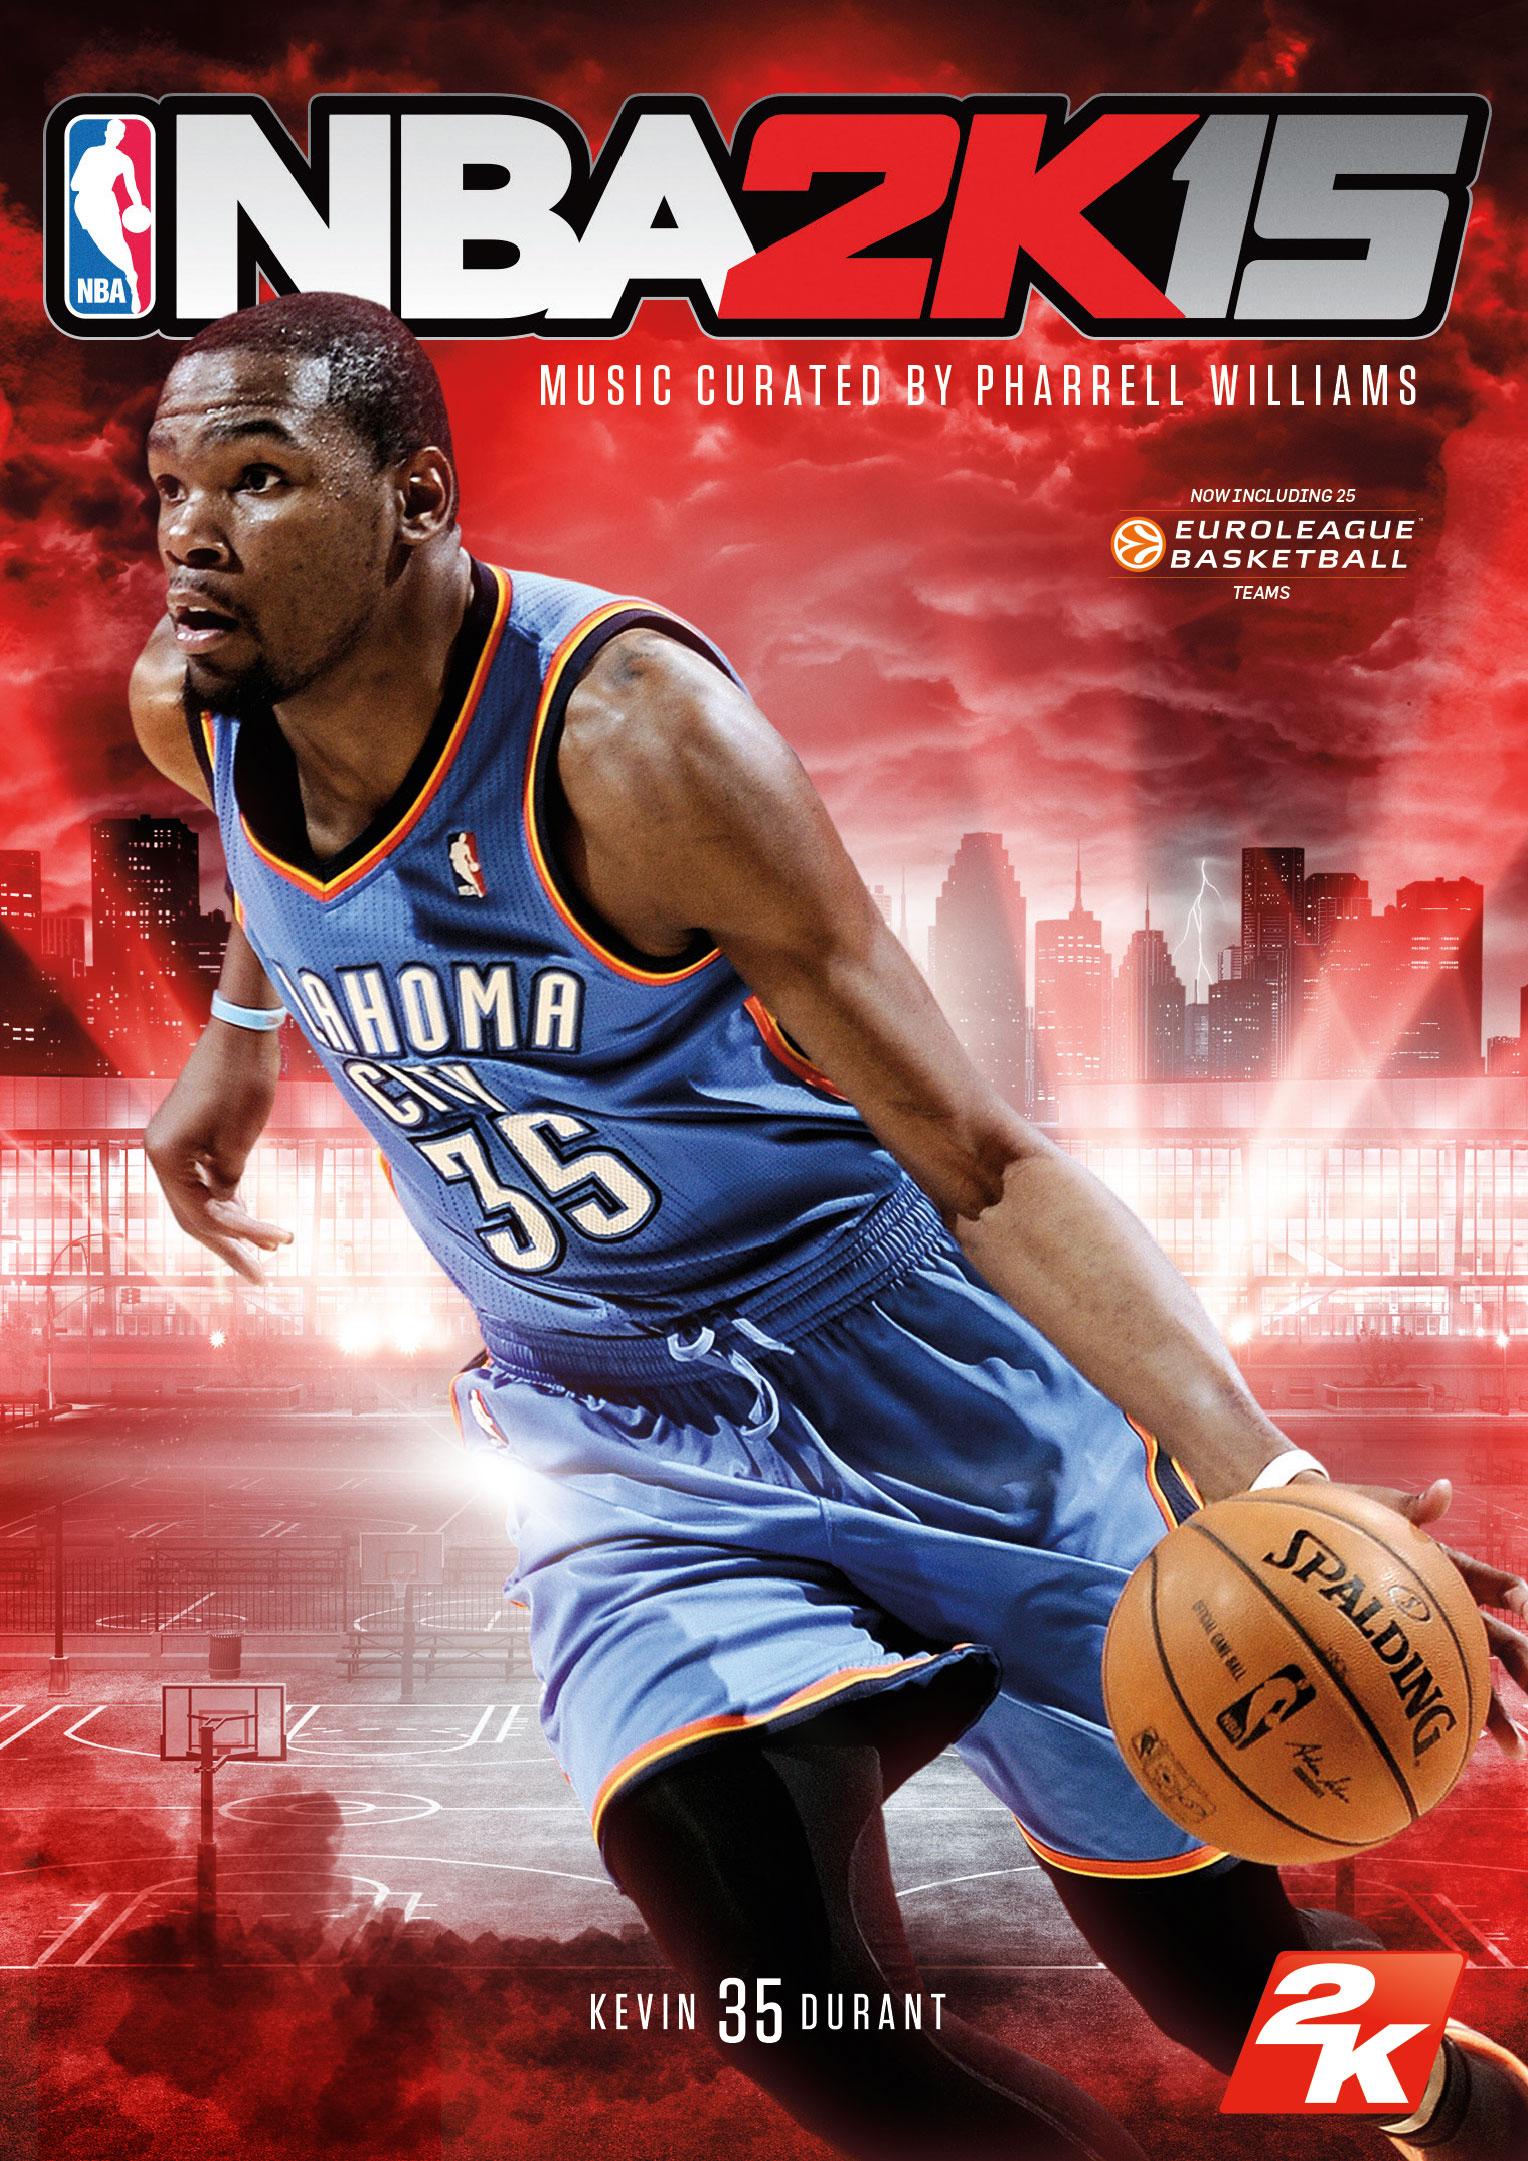 NBA 2K15 (Цифровая версия)Новая игра NBA 2K15, на обложке которого красуется самый ценный игрок НБА сезона 2013/14 Кевин Дюрант, порадует фанатов баскетбола фотореалистичной графикой и выверенным до мелочей геймплеем.<br>